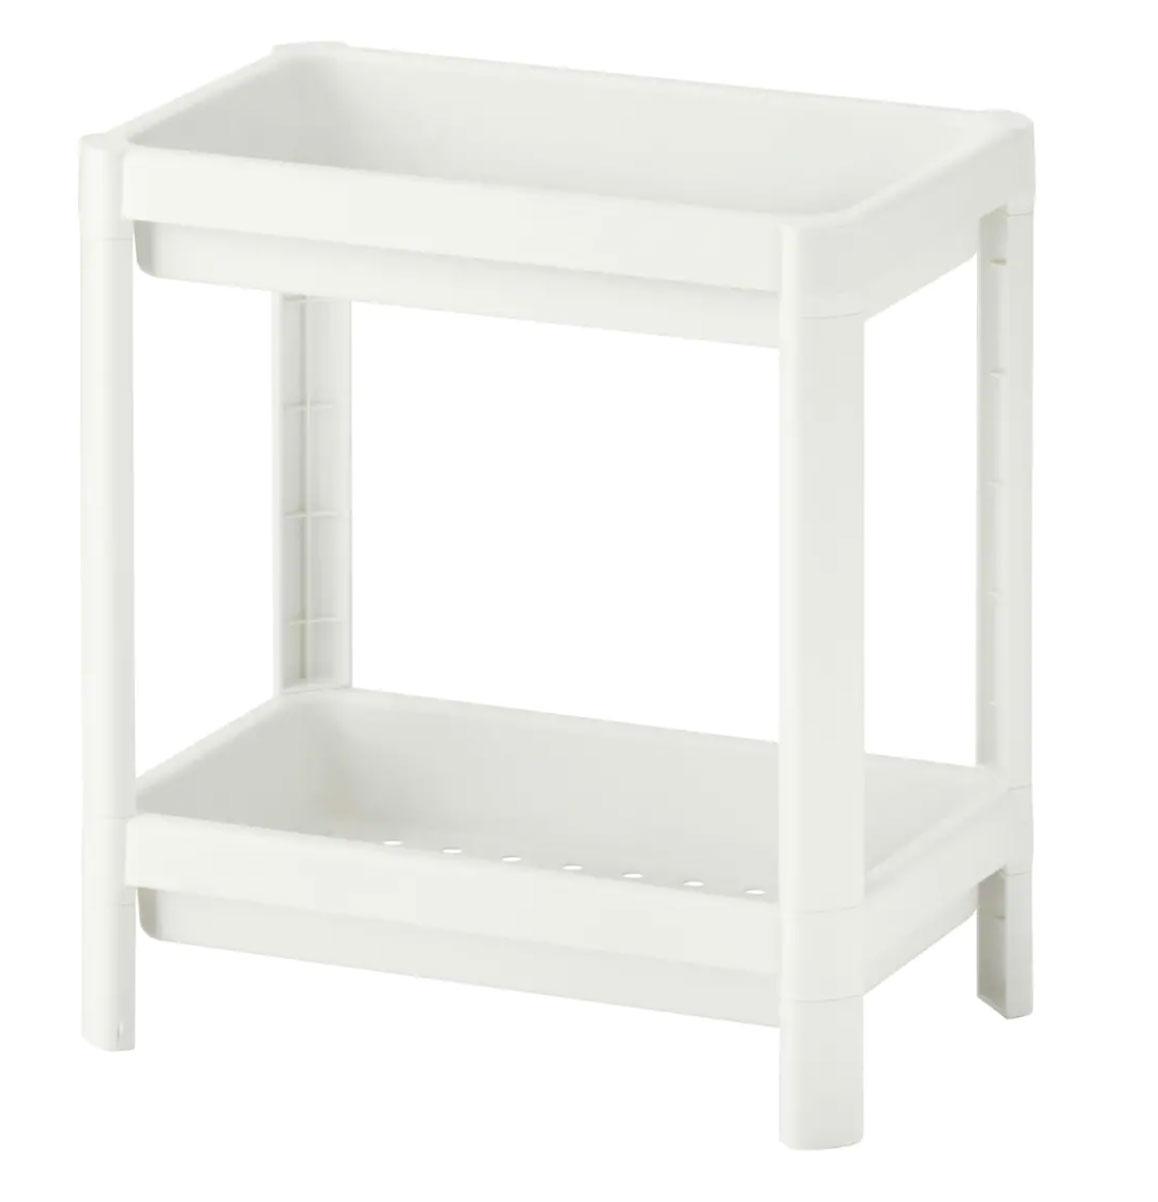 VESKEN Estantería, blanco, 36x23x40 cm